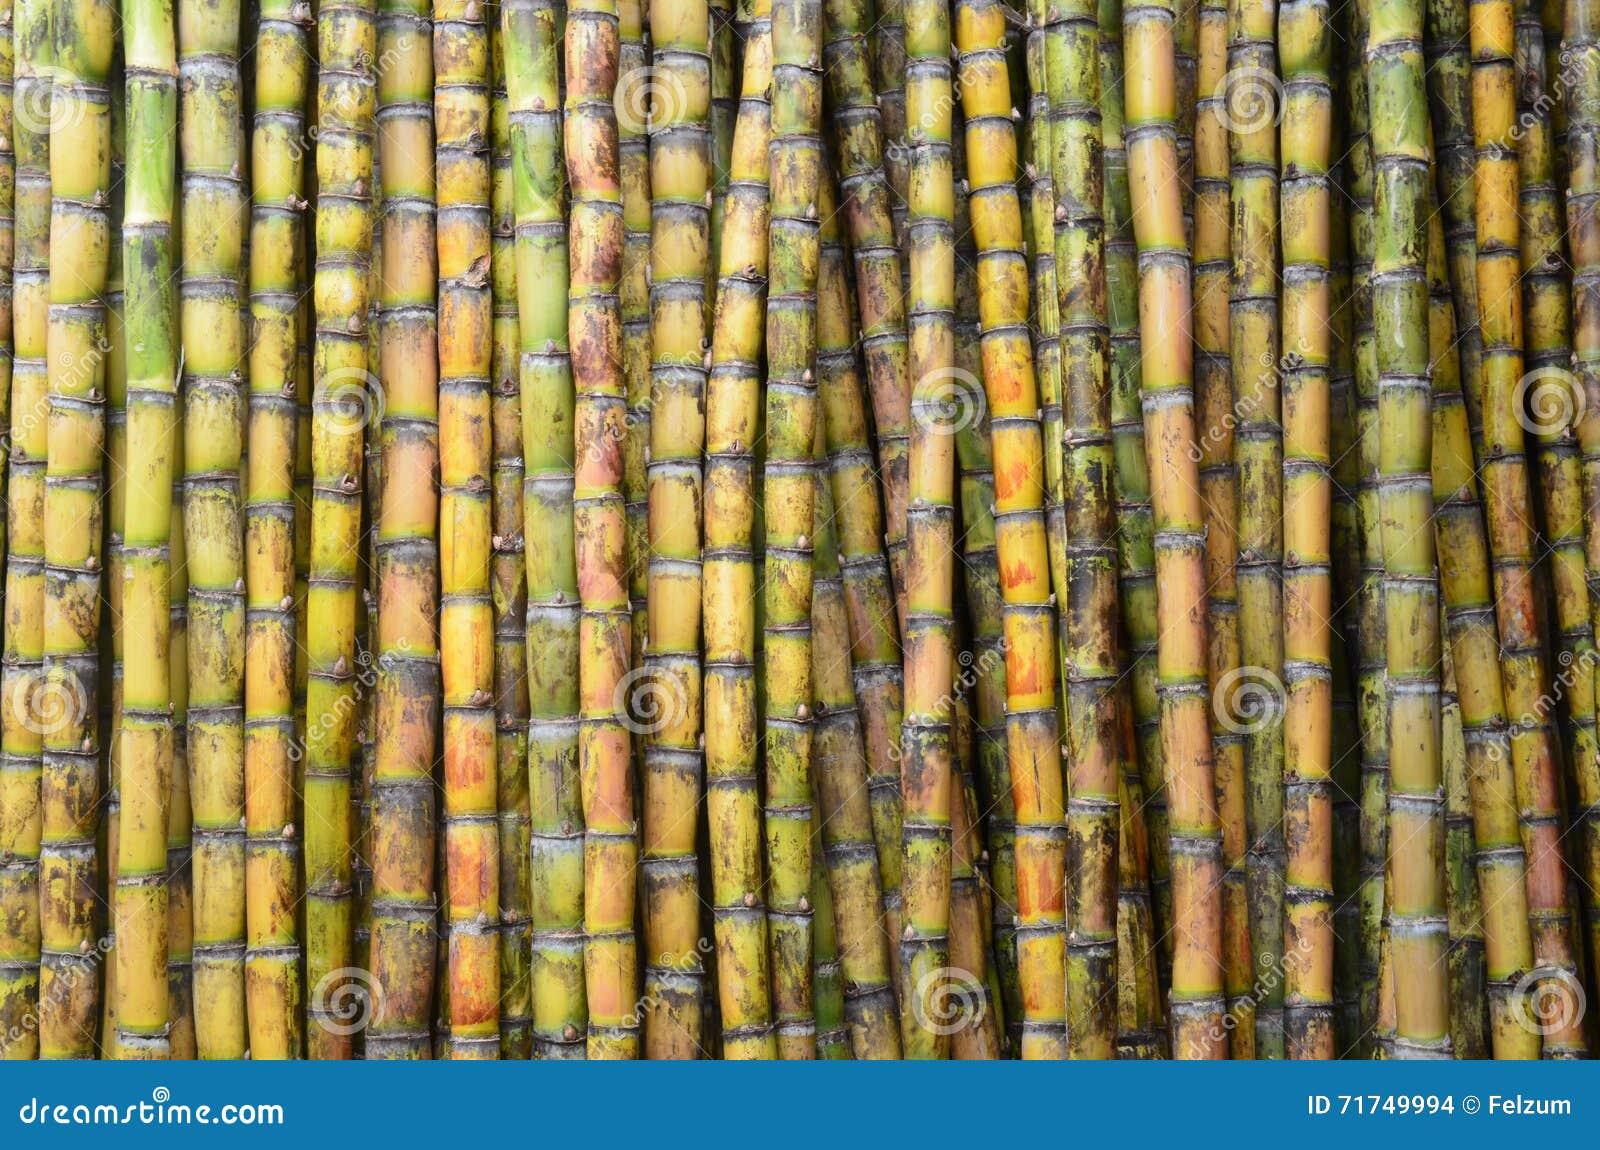 sugarcane stock photo image 71749994